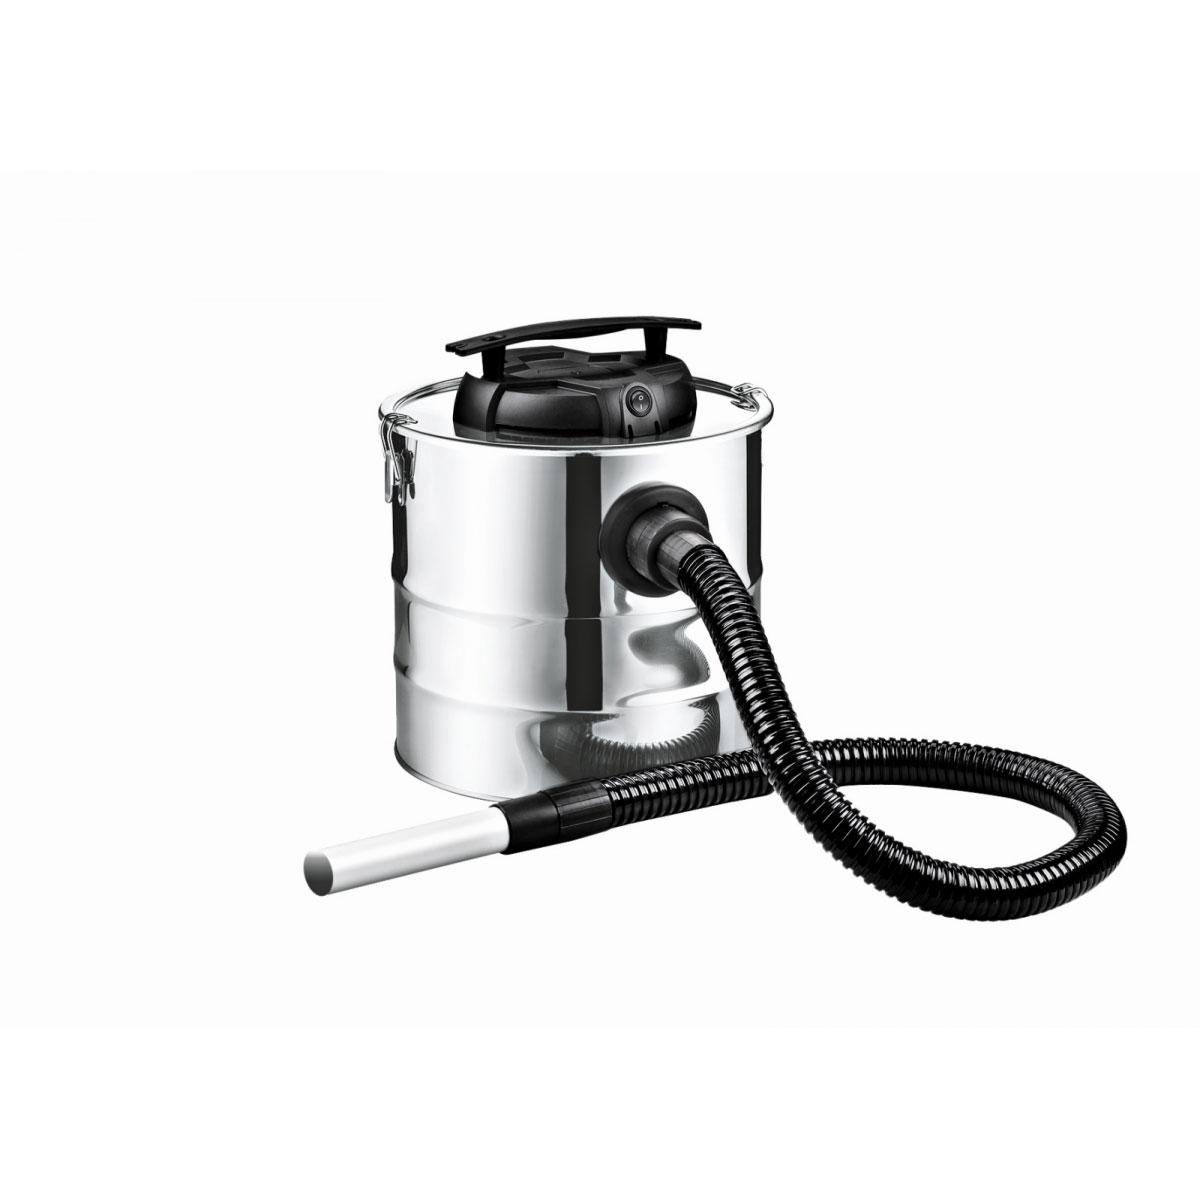 MyFireTool Aschesauger Edelstahl glänzend 20 Liter 1200 Watt